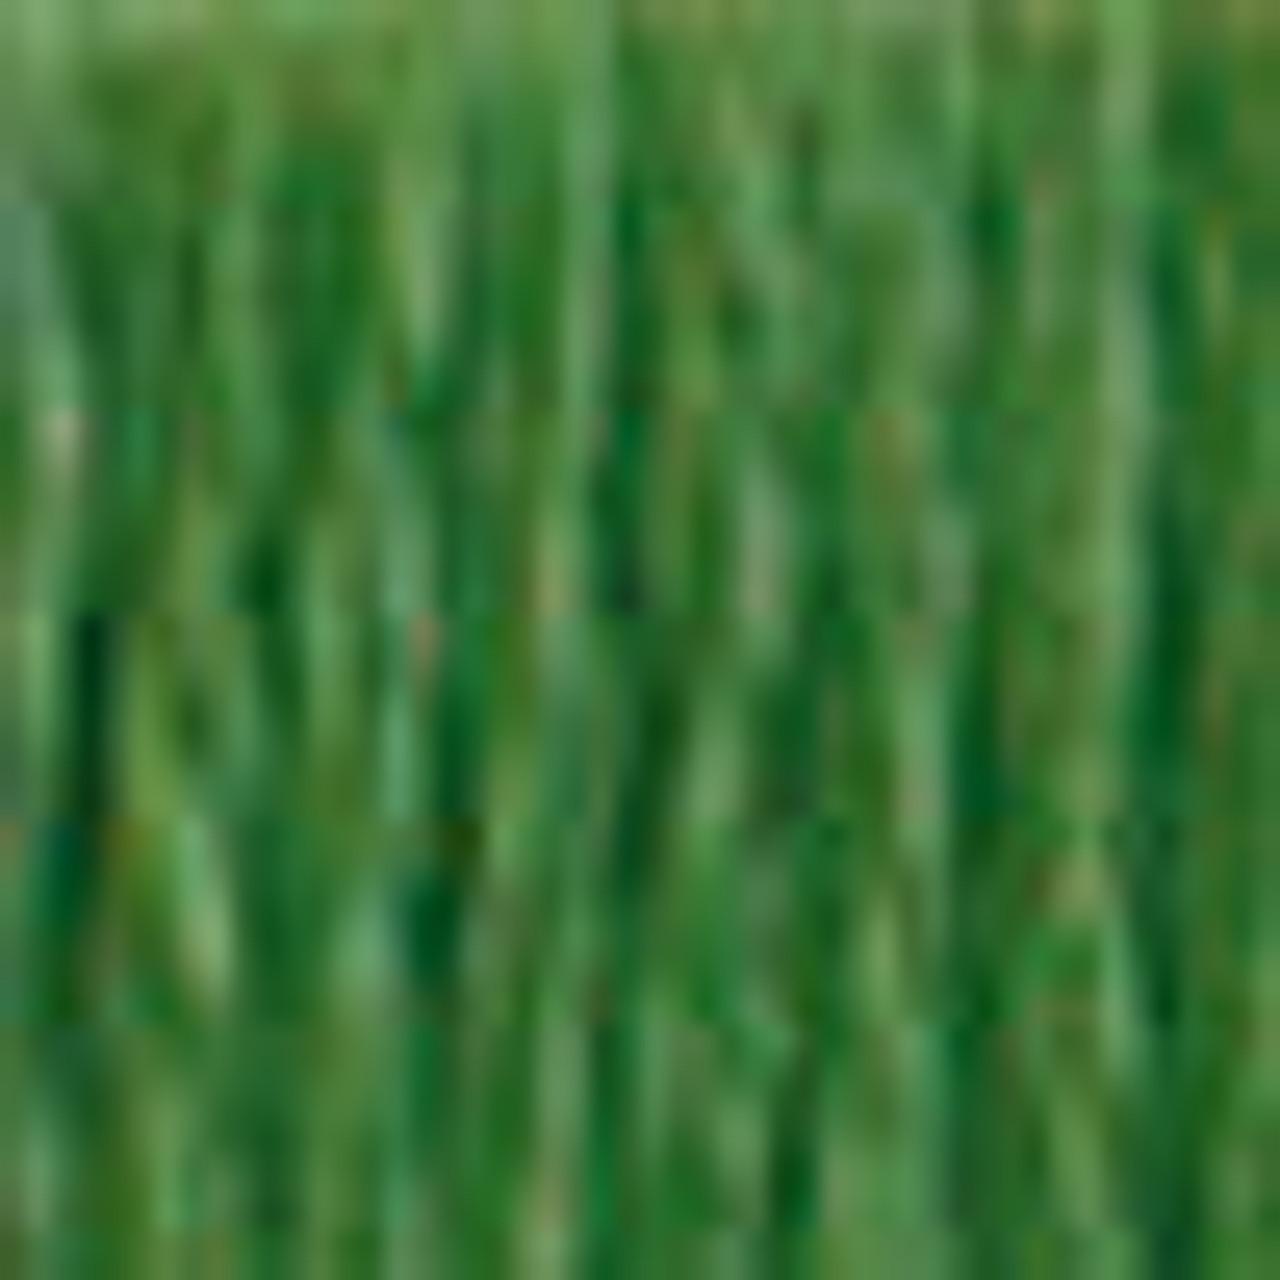 DMC # 987 Dark Forest Green Floss / Thread